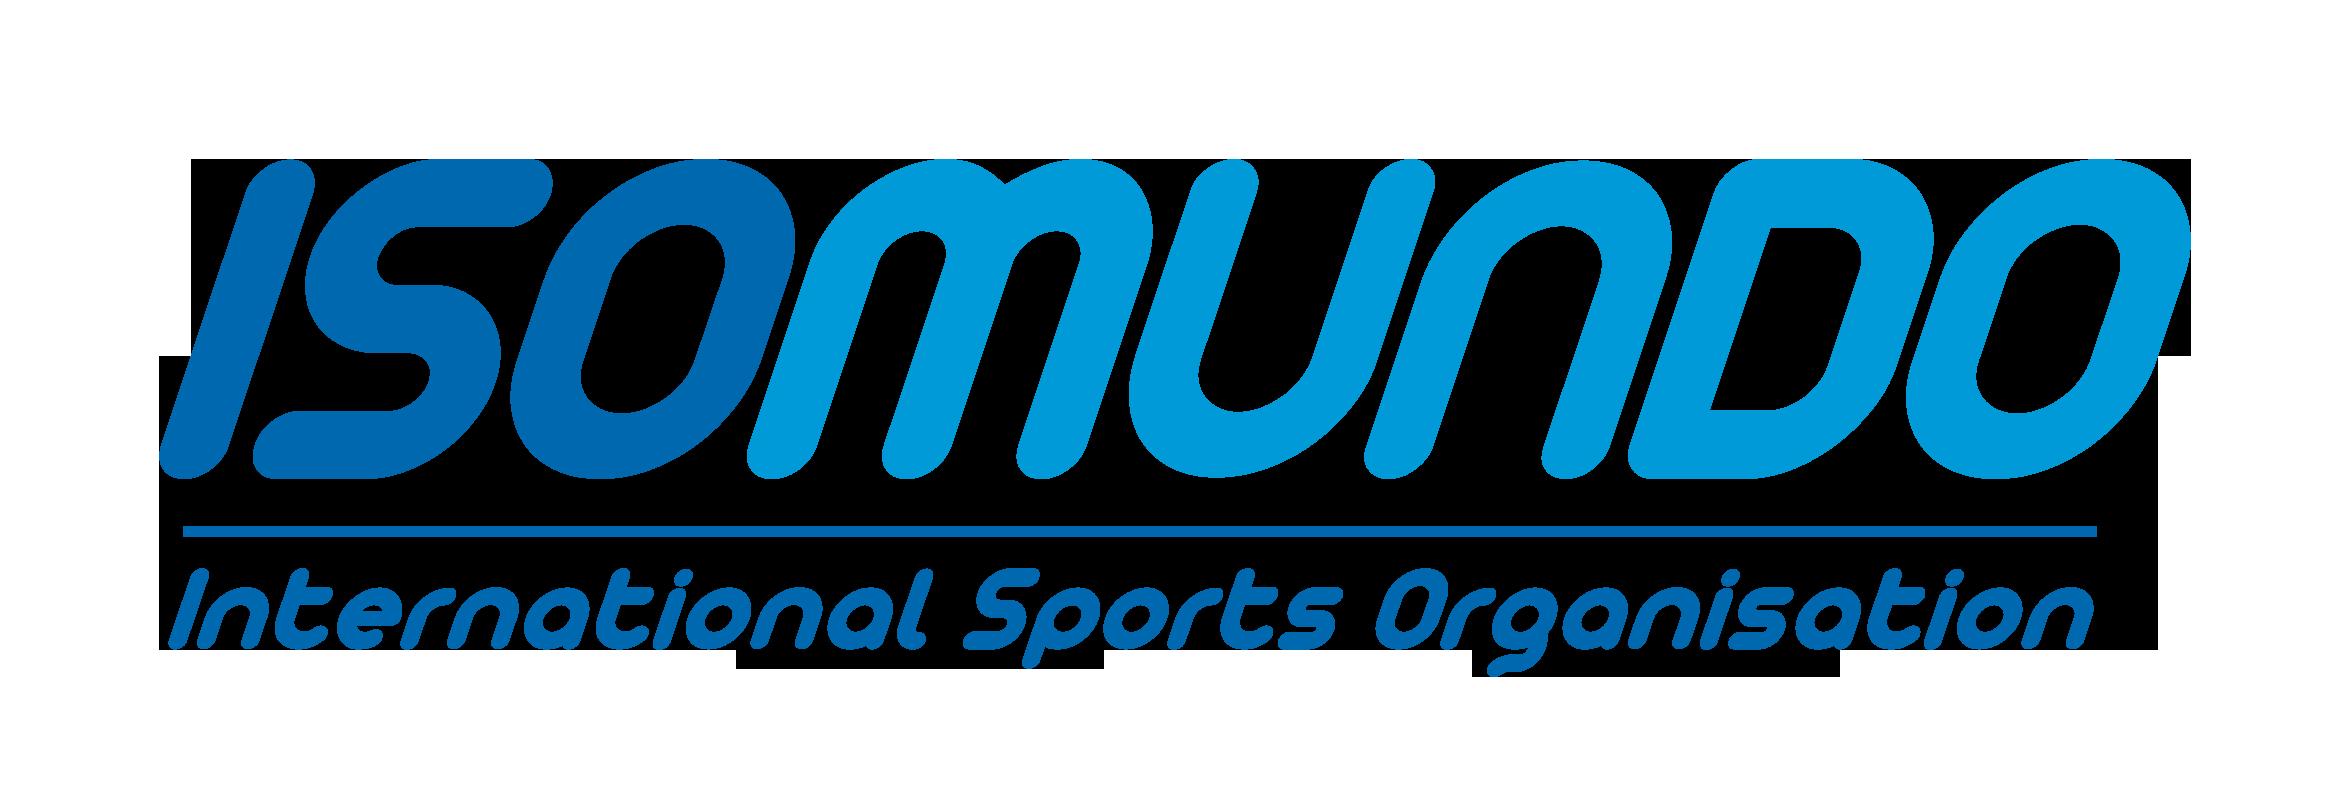 ISOMUNDO 2019_logo RGB